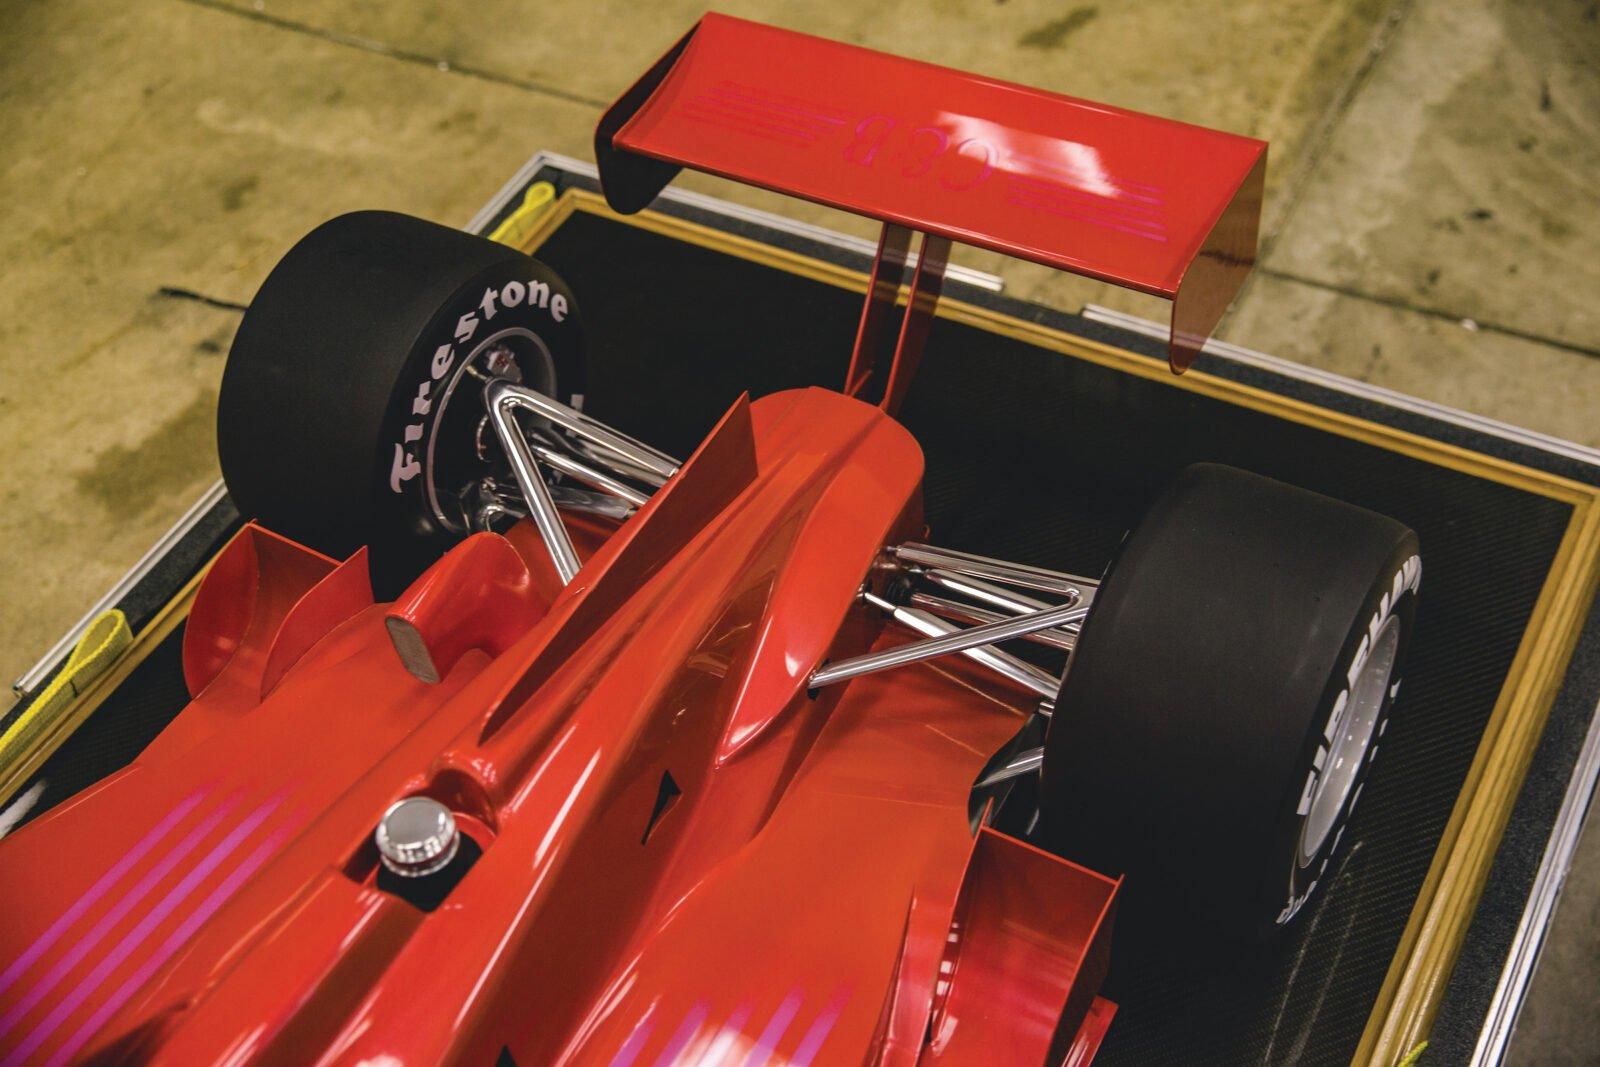 1998 Reynard Indycar Wind Tunnel Model